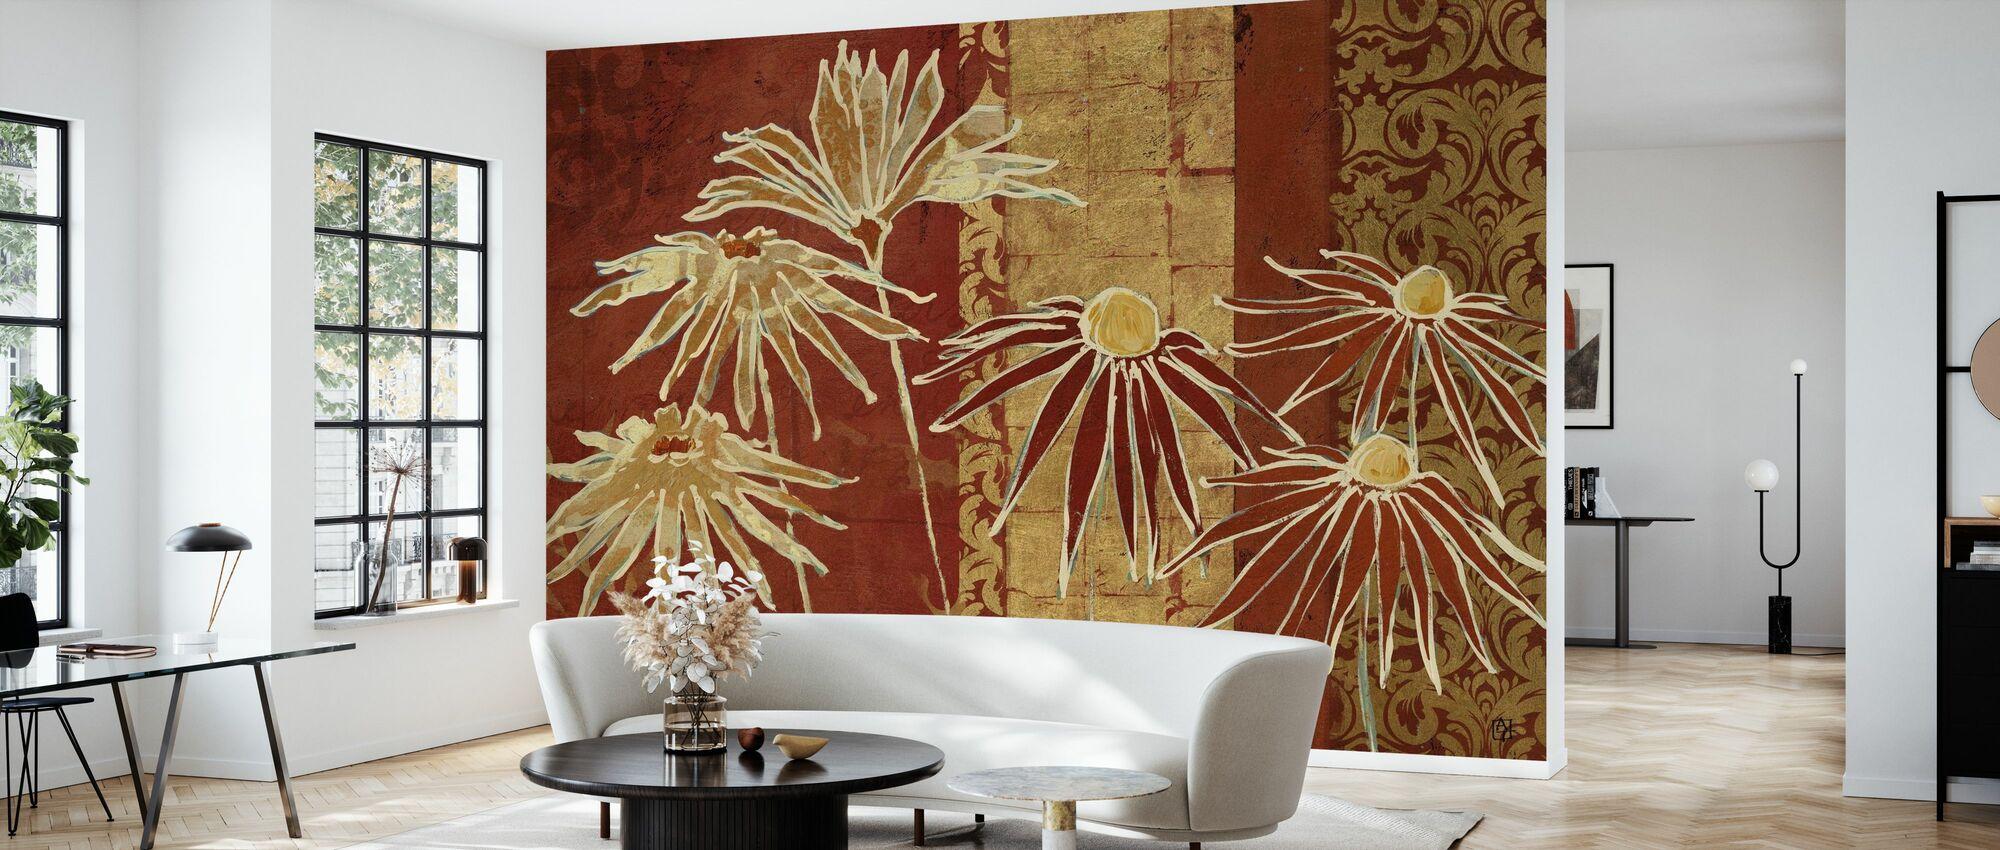 Avery Tillmon - Blomster på Spice - Tapet - Stue